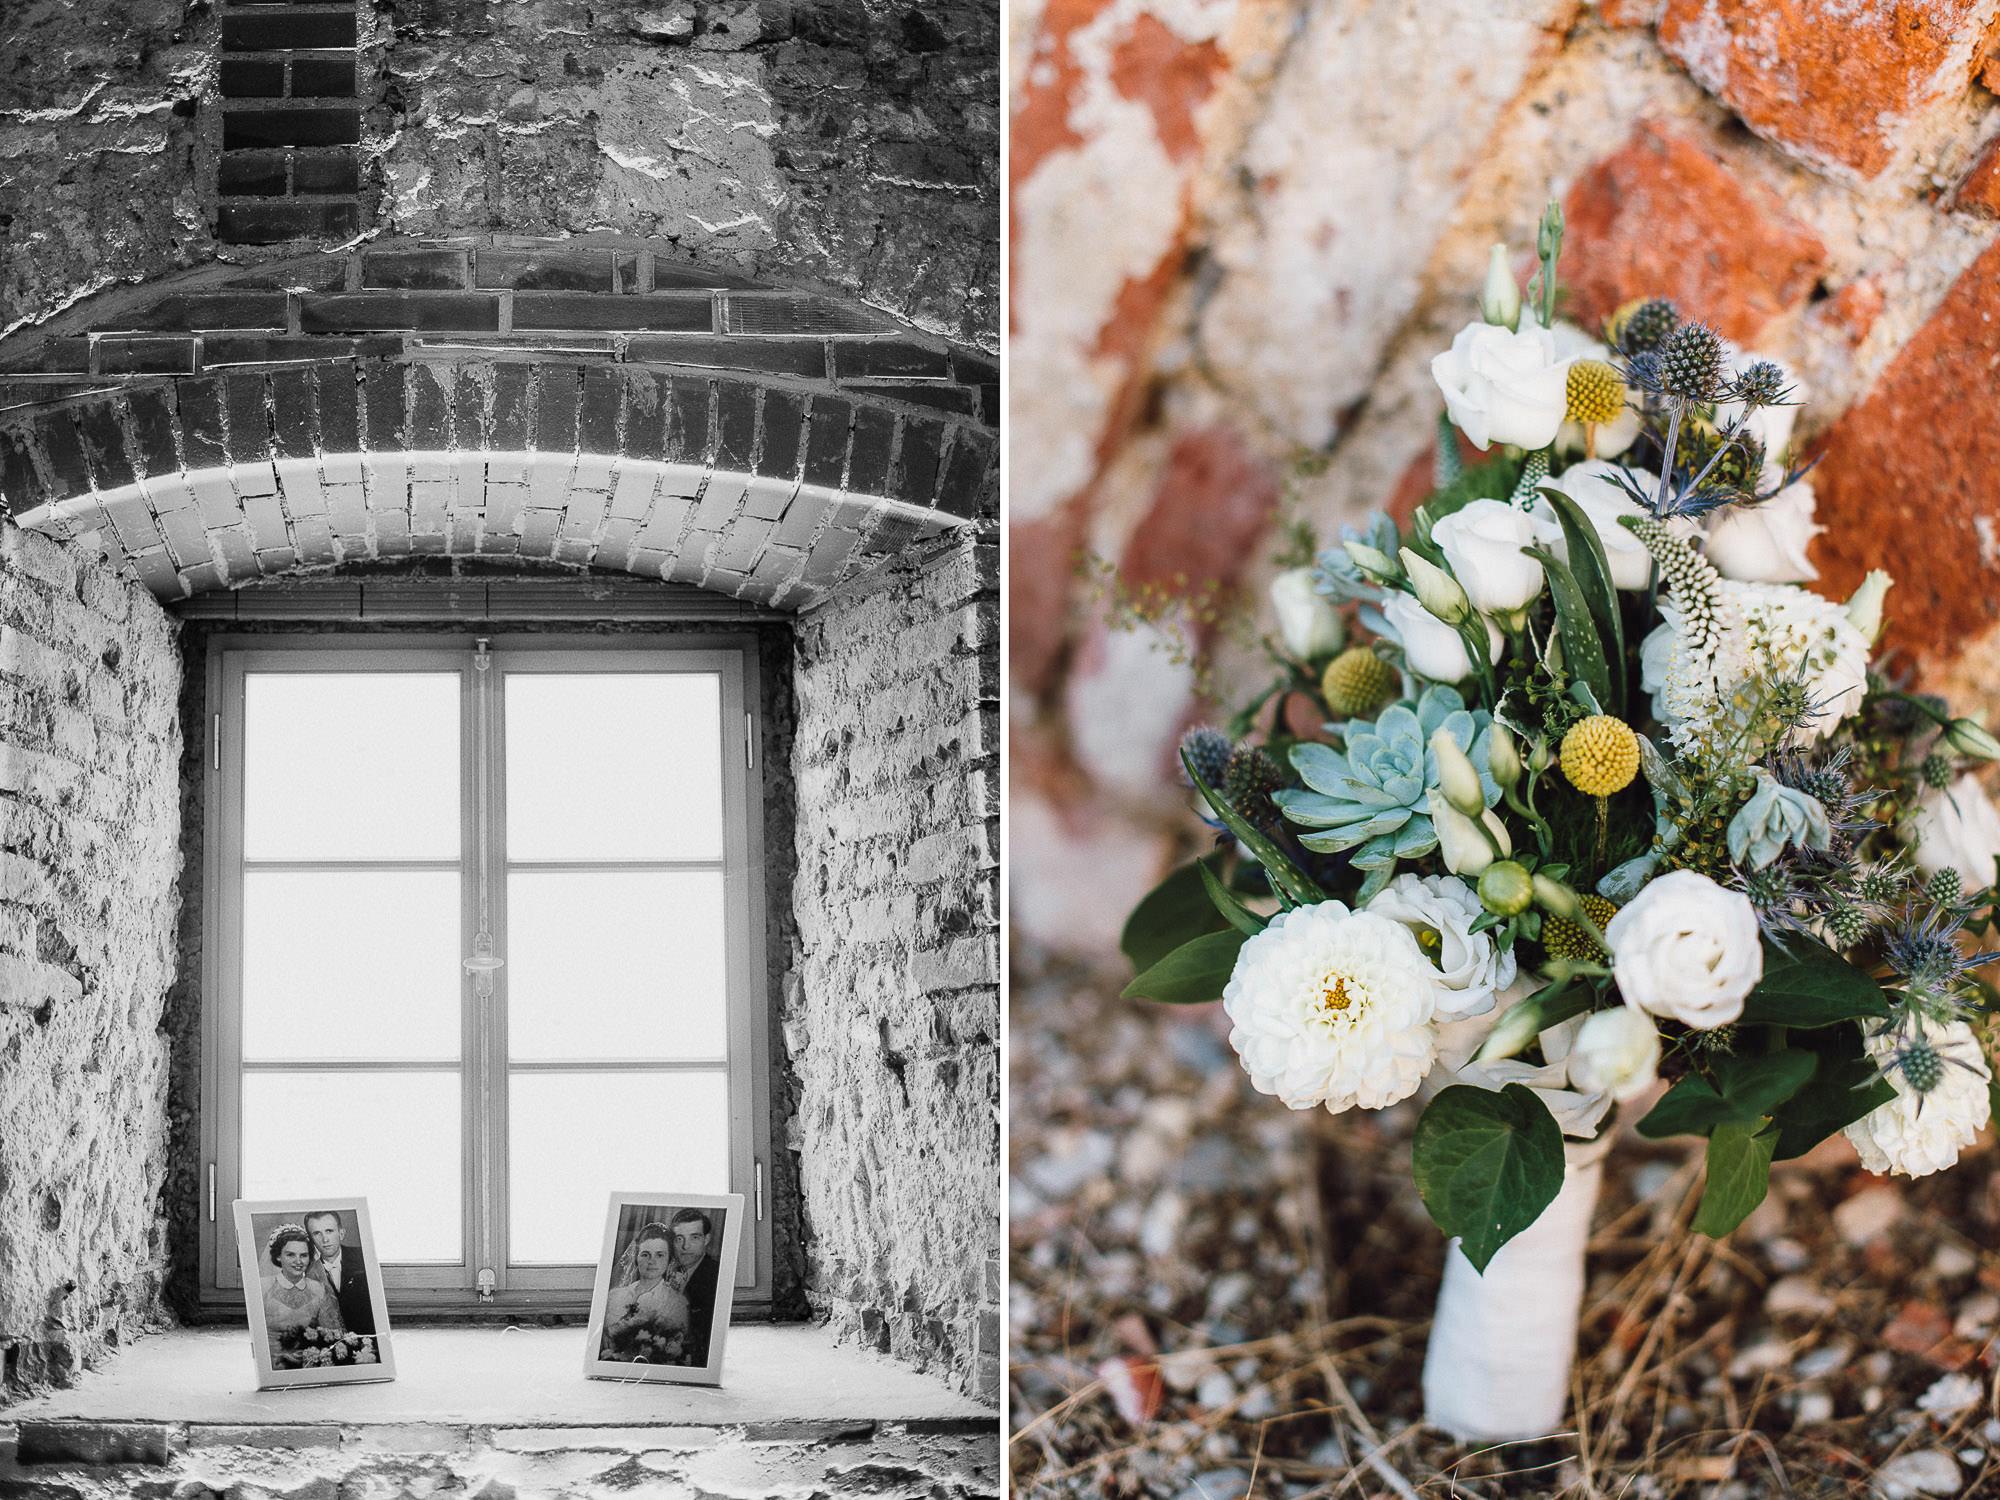 greenery-wedding-hochzeit-prielhof-sukkulenten-scheyern-lauraelenaphotography-097